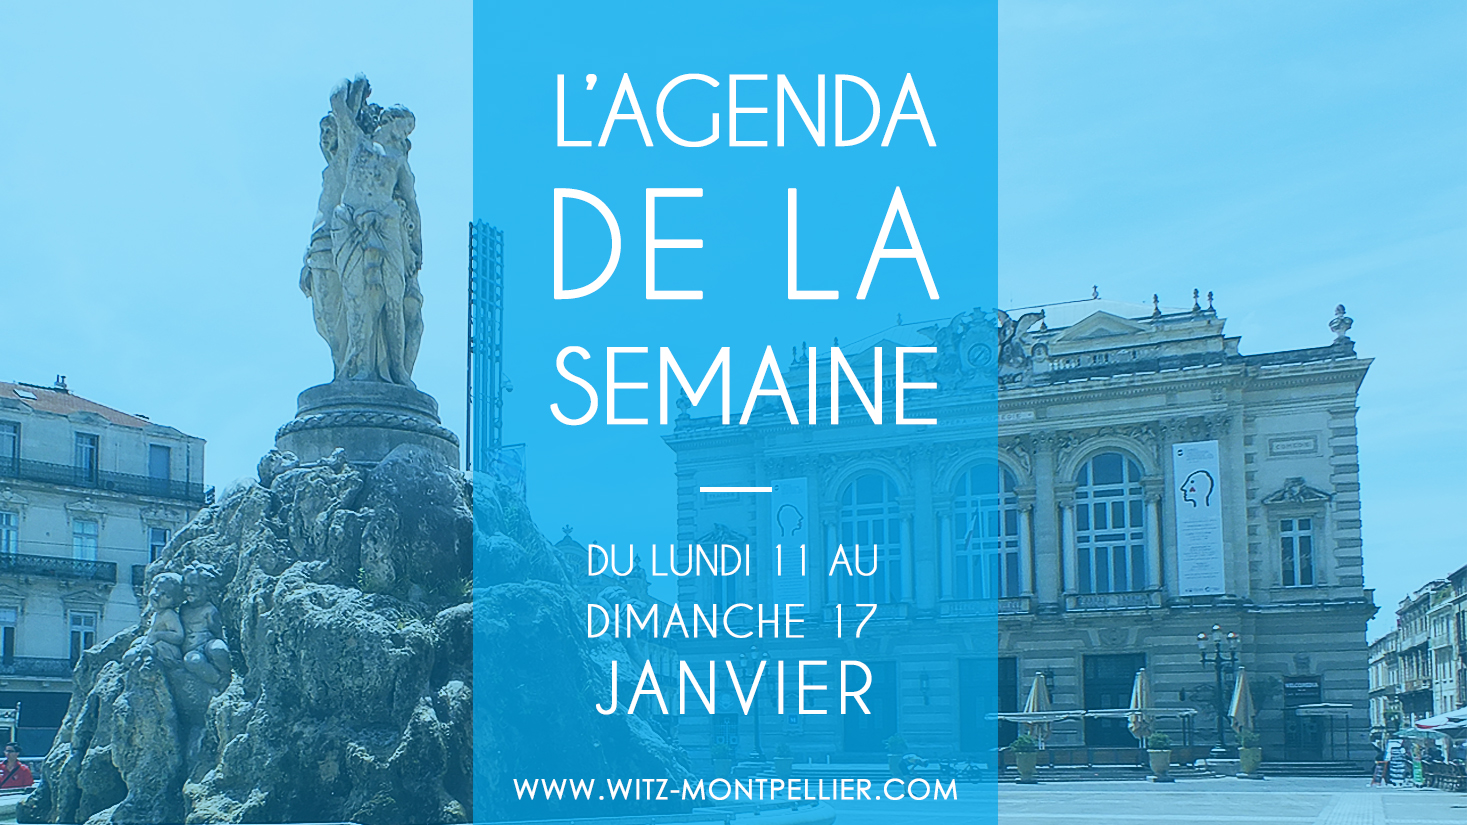 Agenda des sorties à Montpellier : du lundi 11 au dimanche 17 janvier